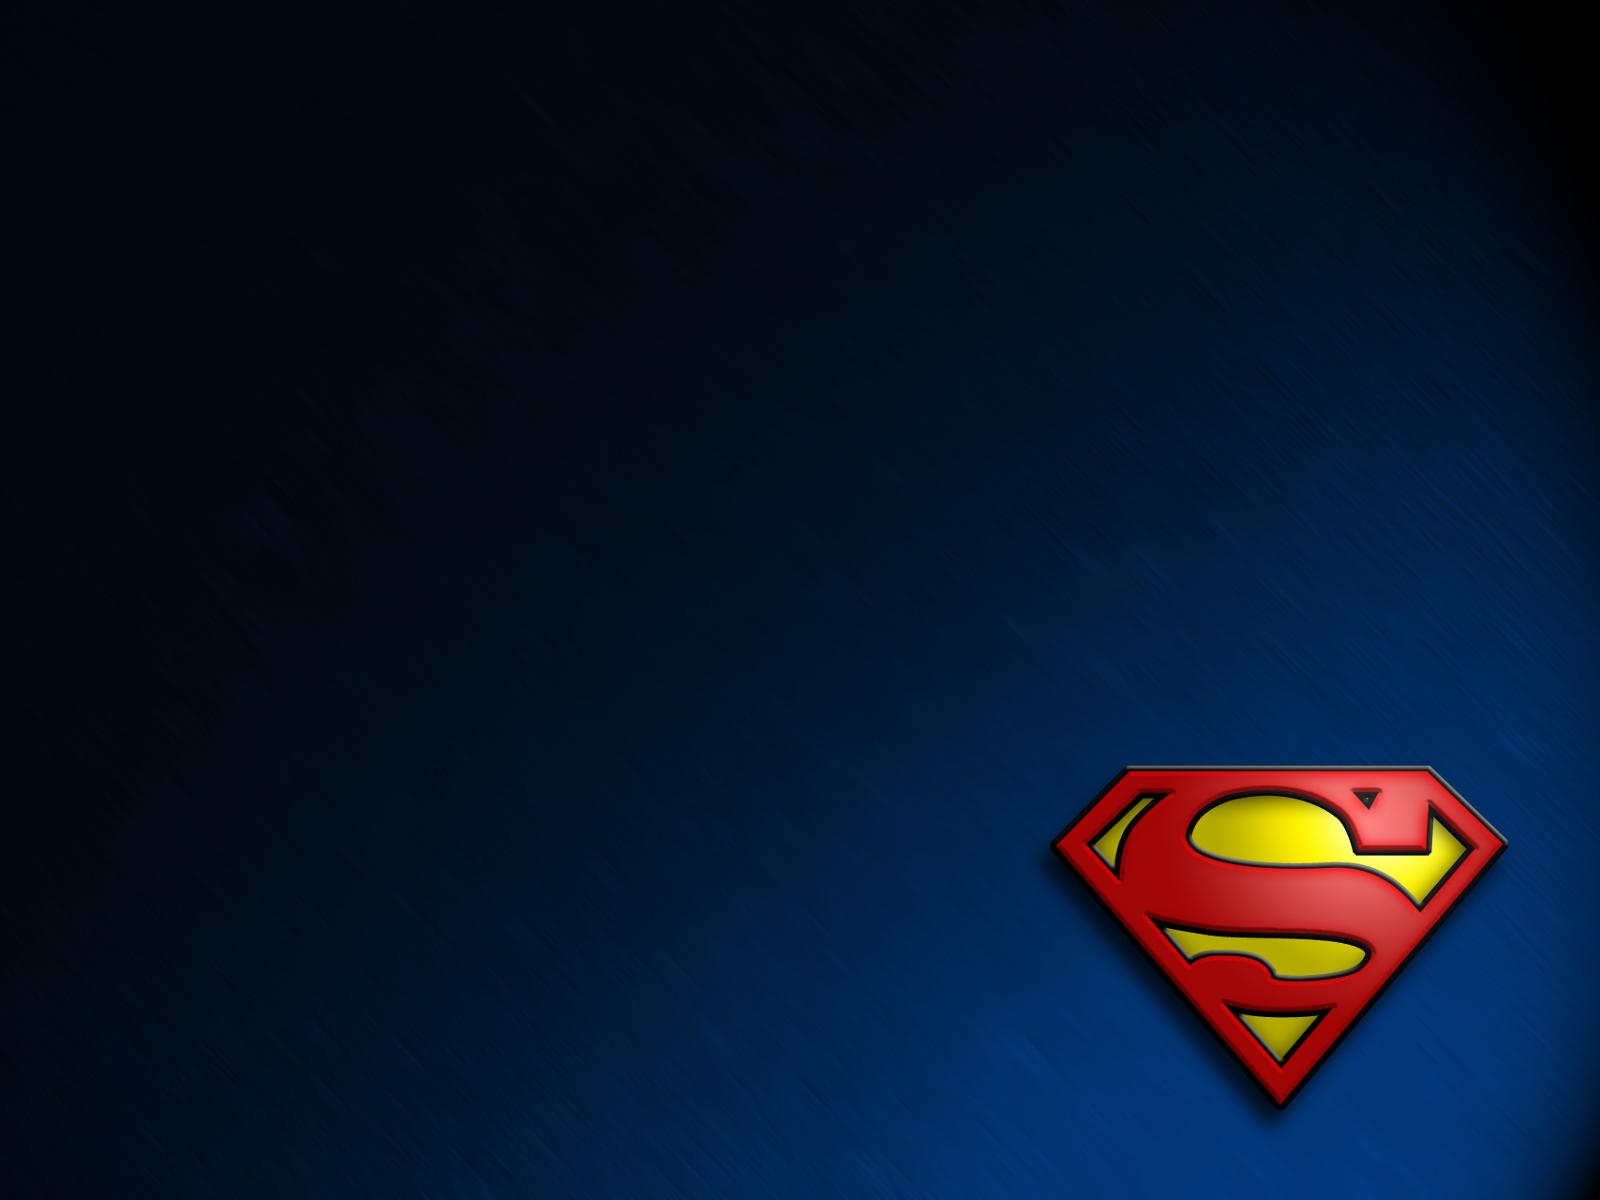 Superman Computer Wallpapers Desktop Backgrounds 1600x1200 ID 1600x1200